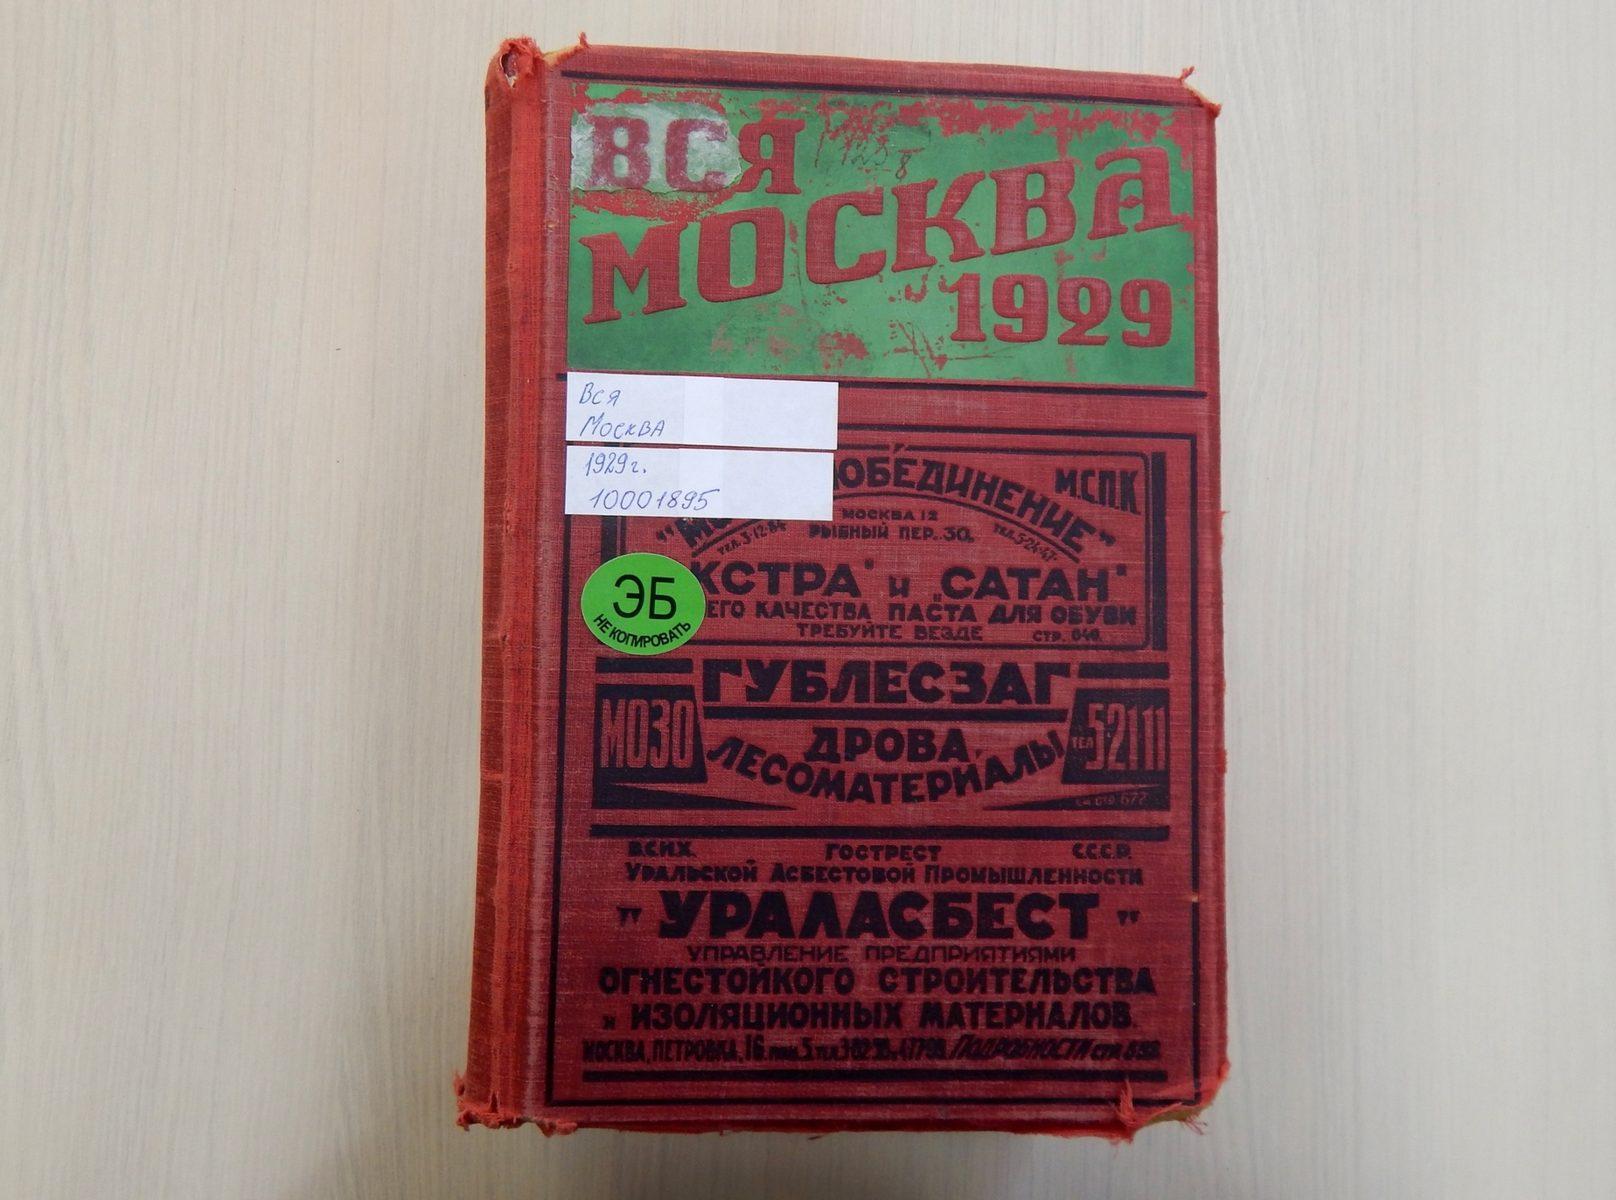 Выставка «Москва на страницах справочных изданий и путеводителей» в исторической библиотеке – события на сайте «Московские Сезоны»